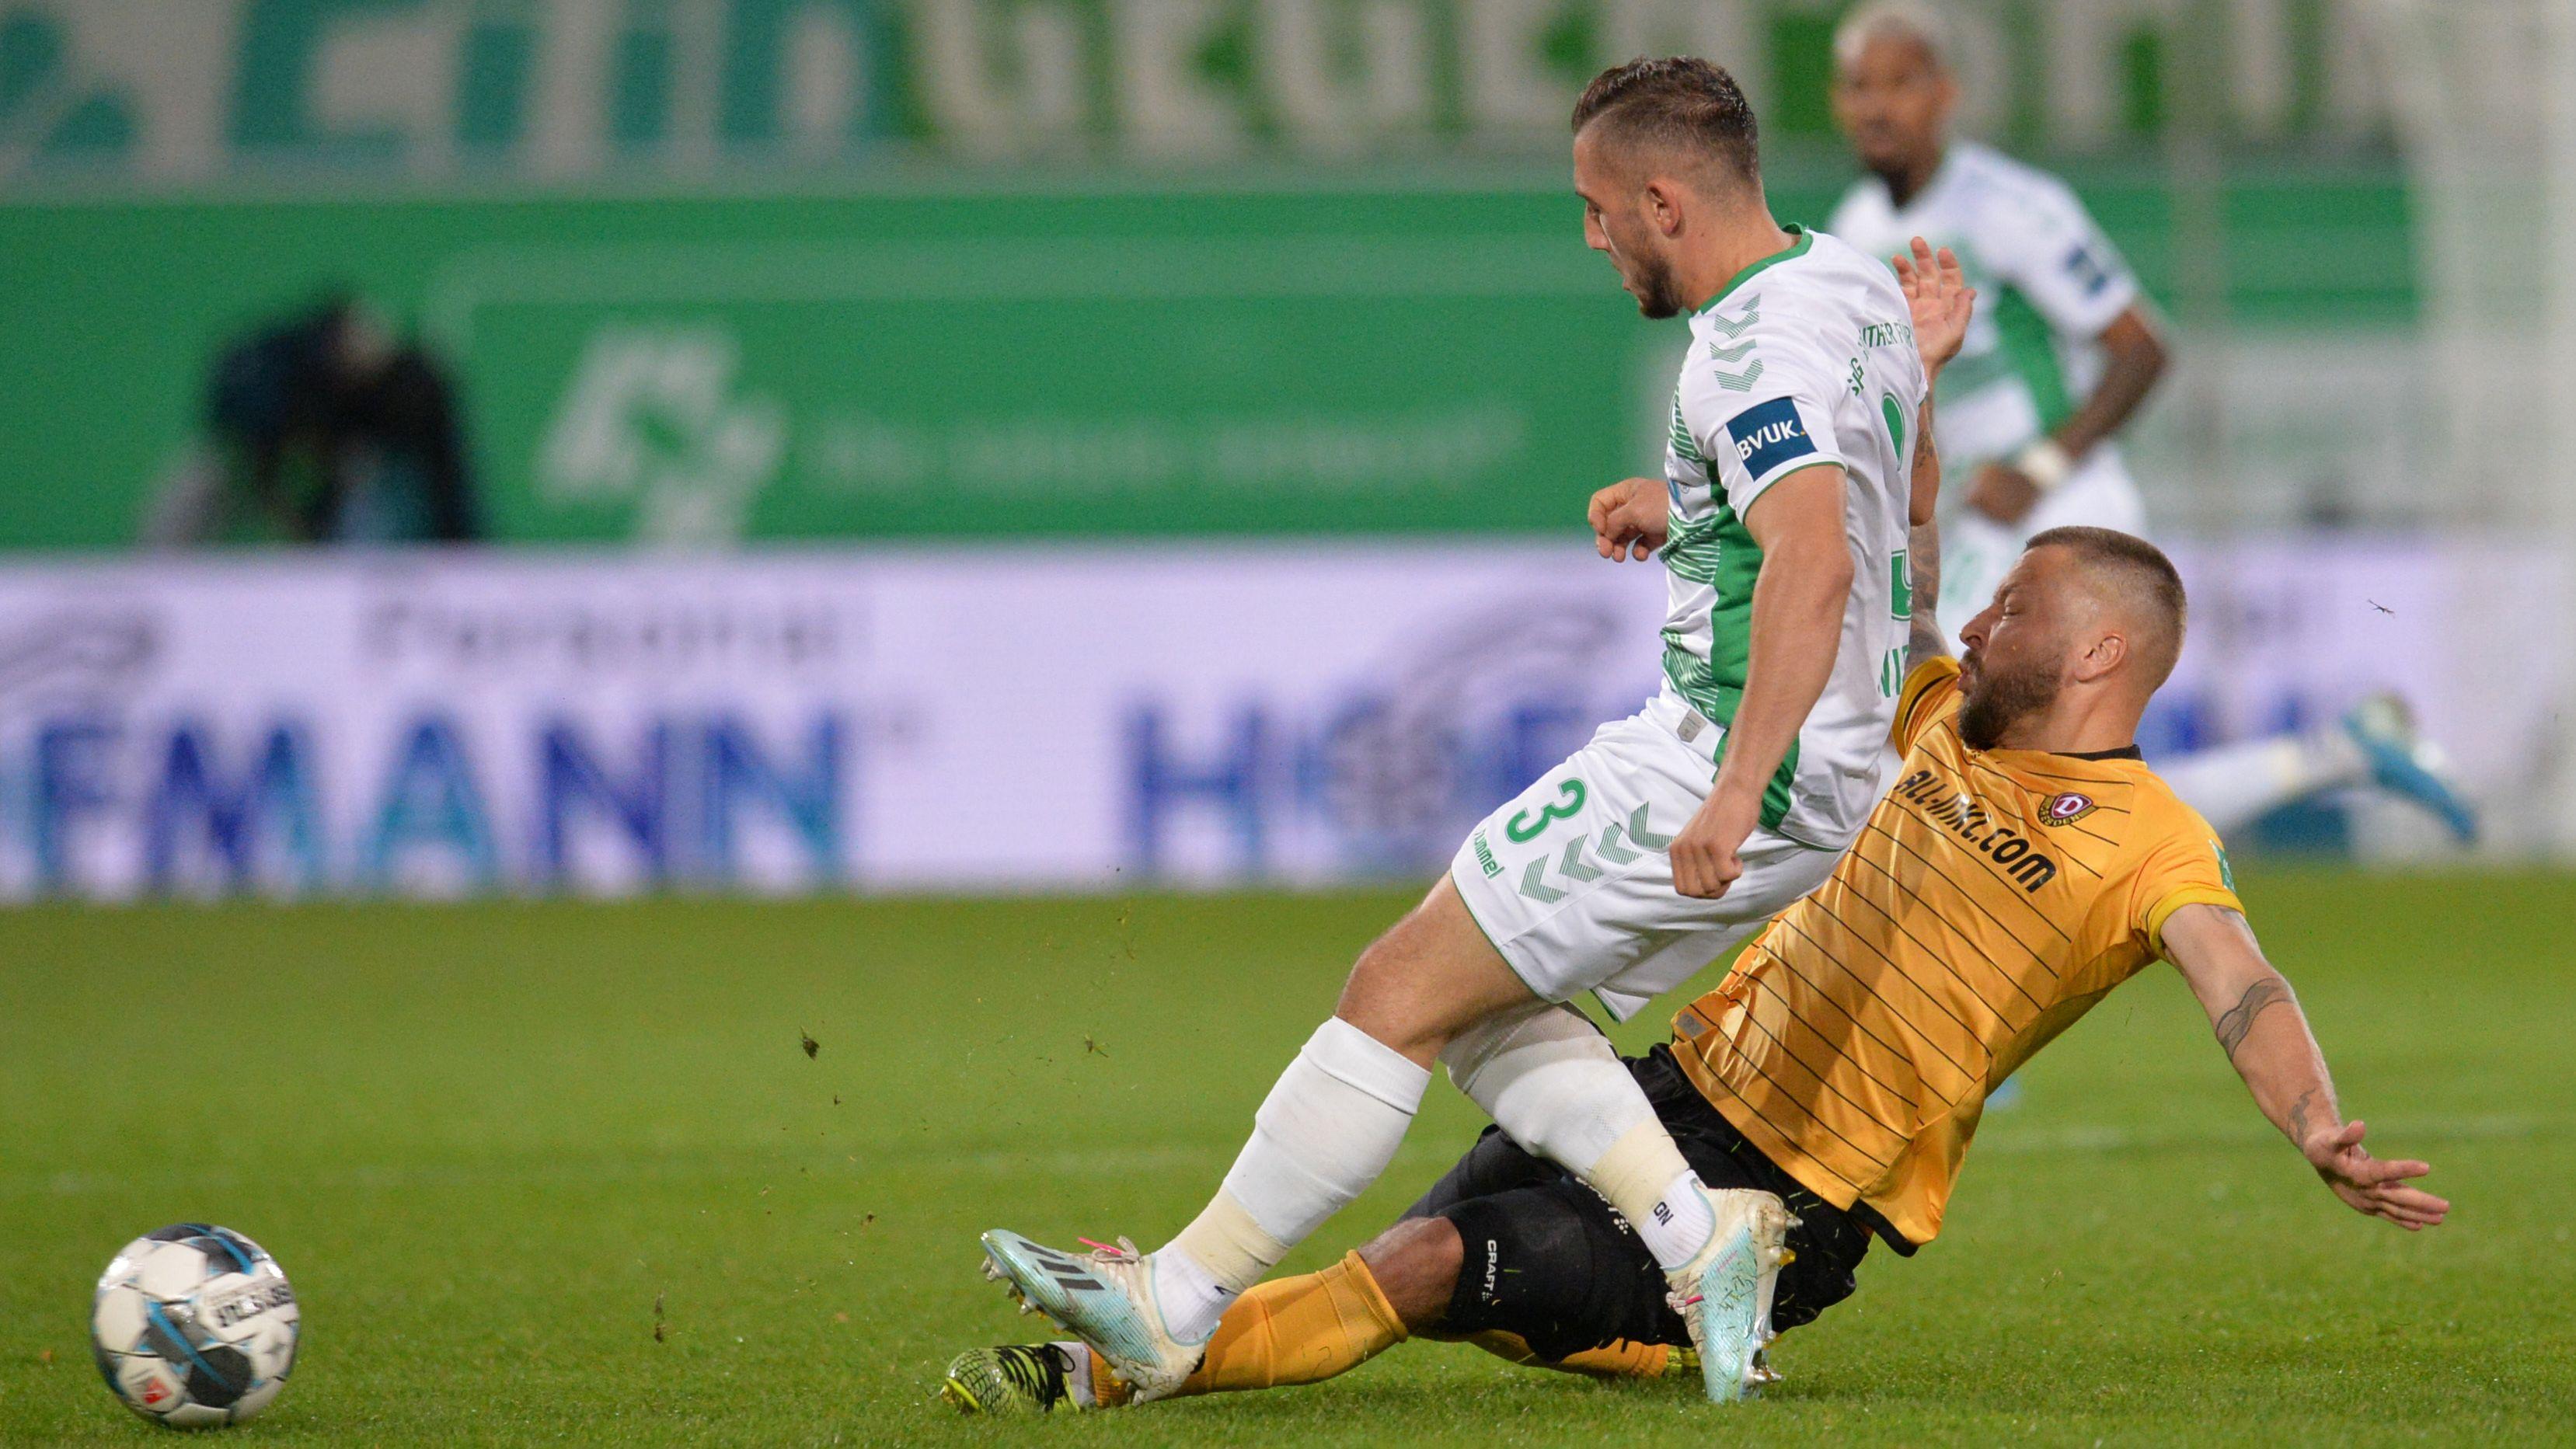 Spielszene SpVgg Greuther Fürth - Dynamo Dresden